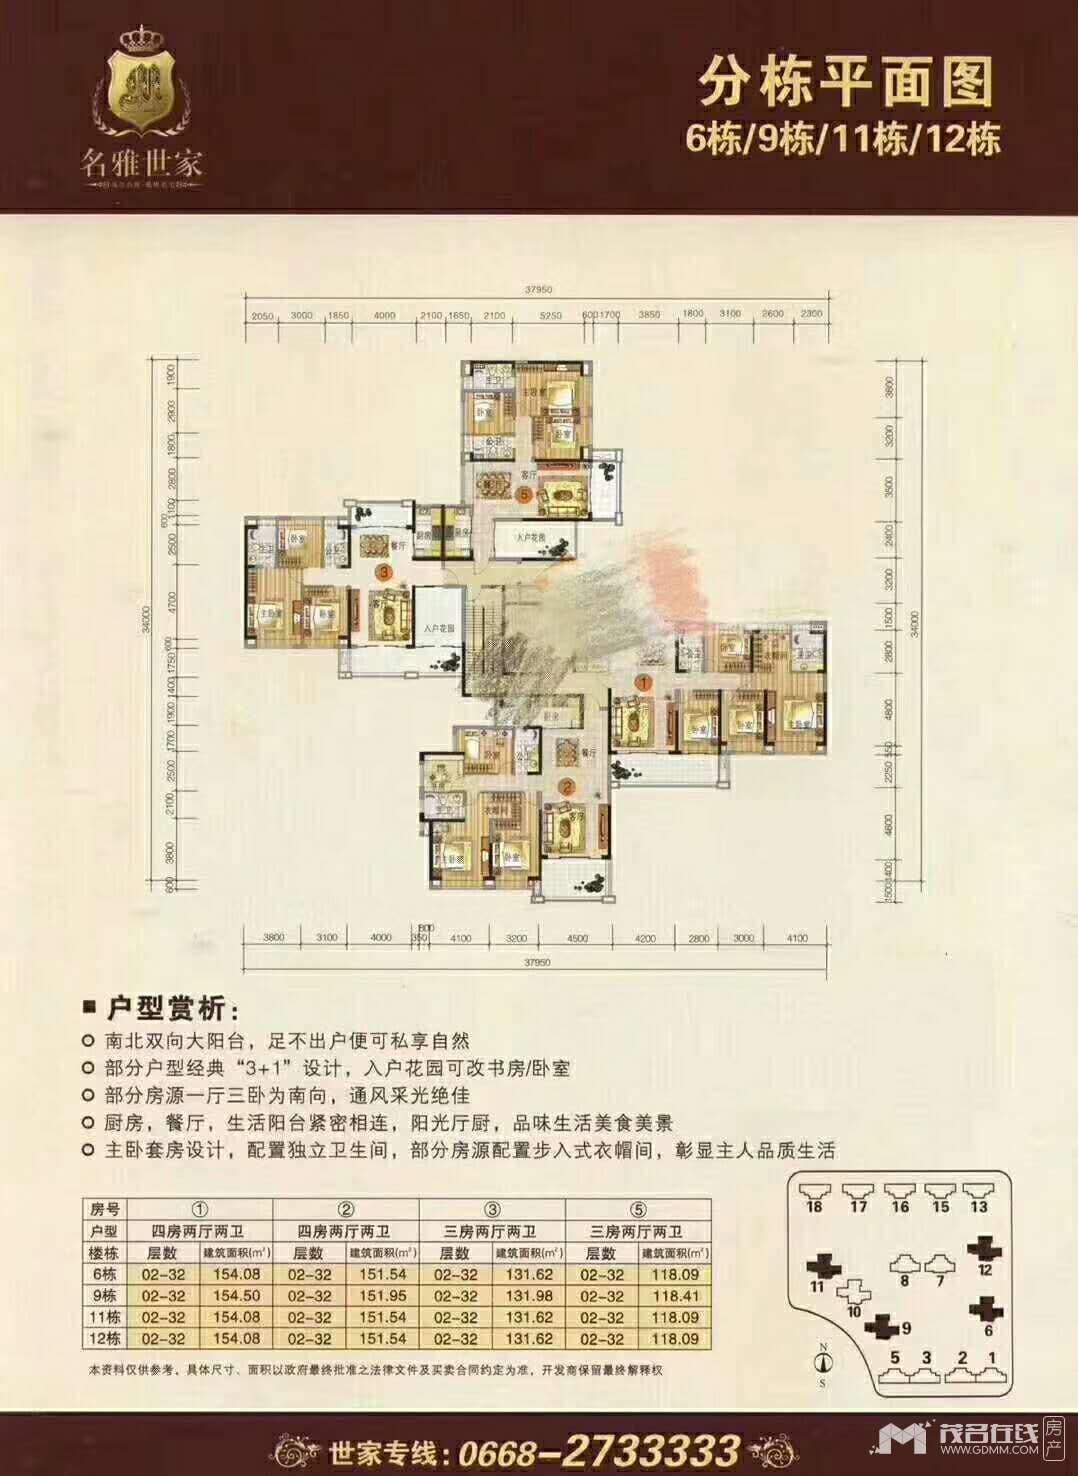 名雅世家 118平方 4房2 厅2位 送负一小车位 145万 首付55万